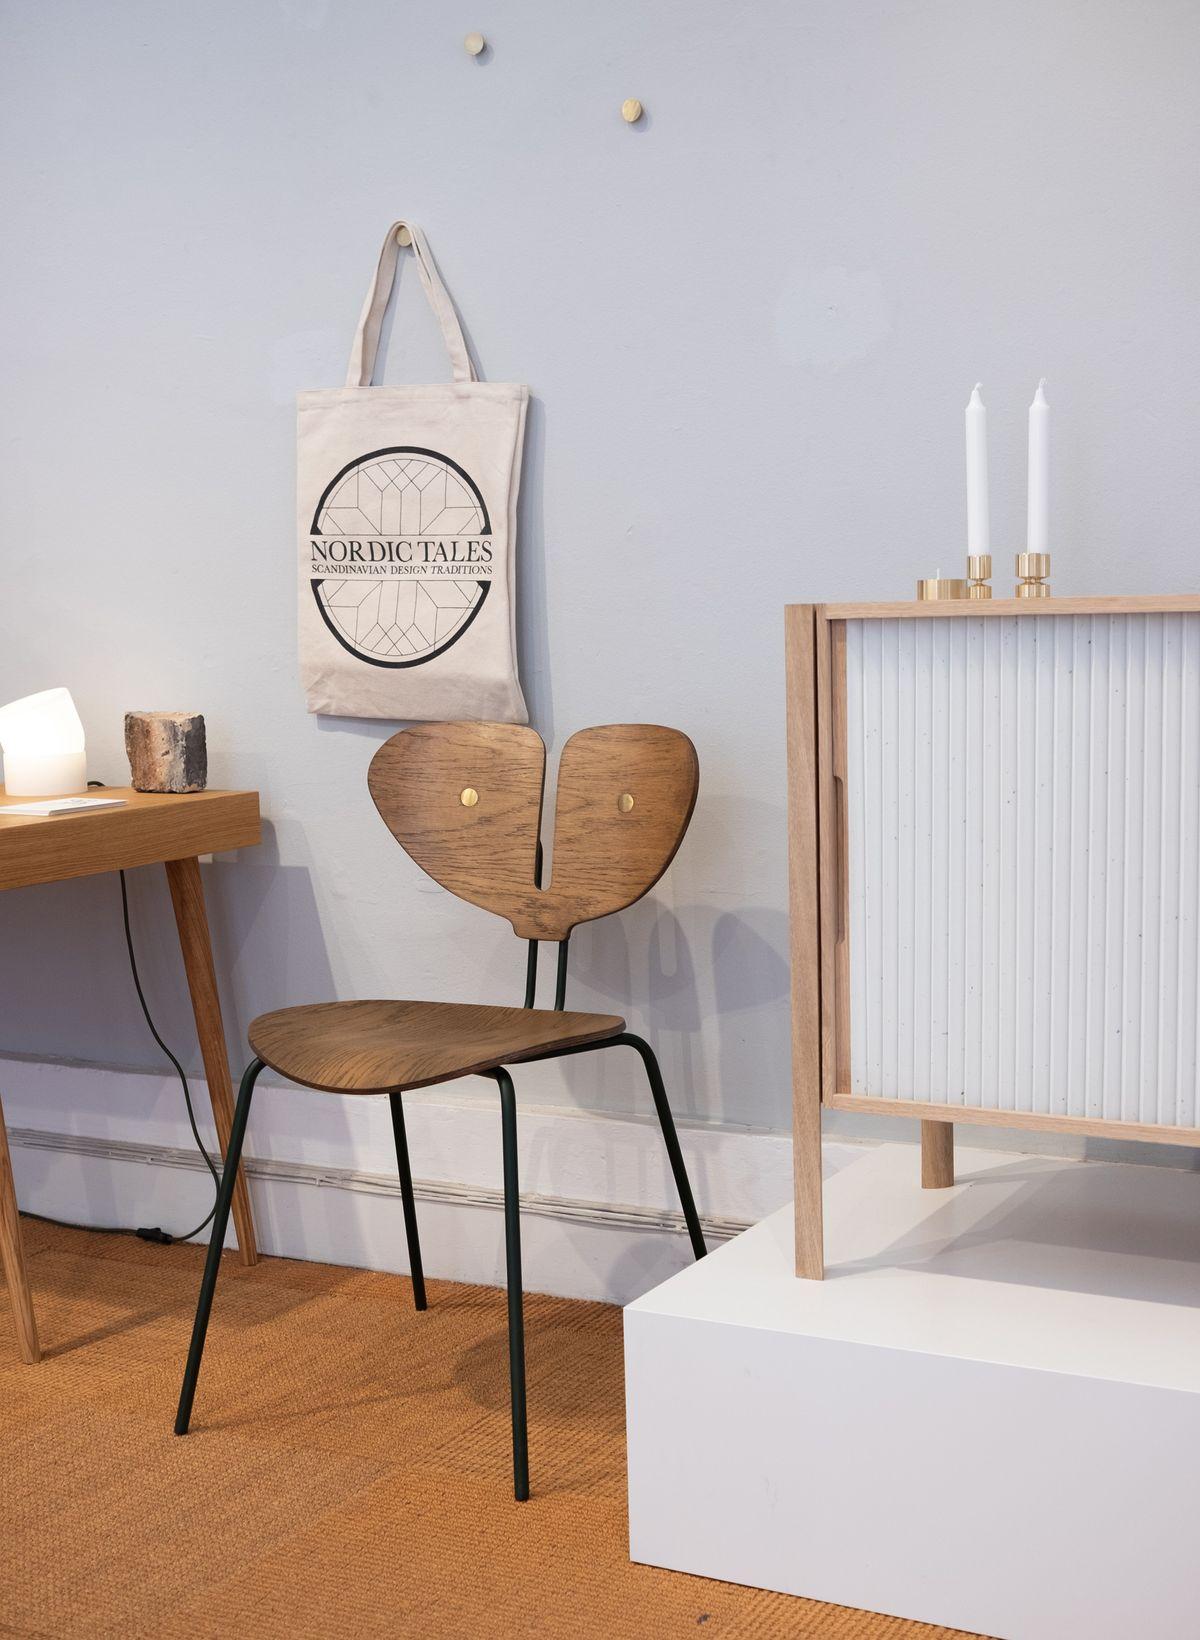 Nordic Tales lancerer første større møbel kollektion på 3 days of design